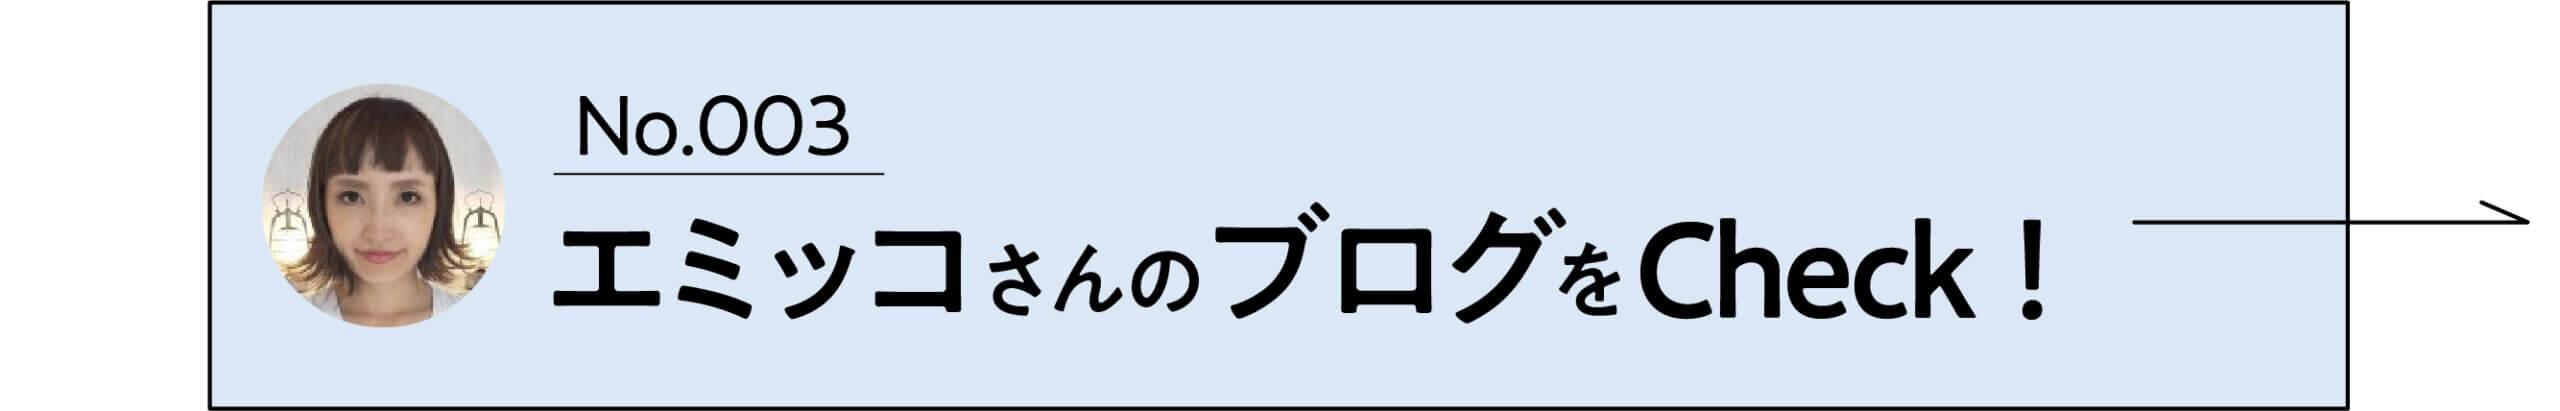 エミッコさんのブログをCheck!